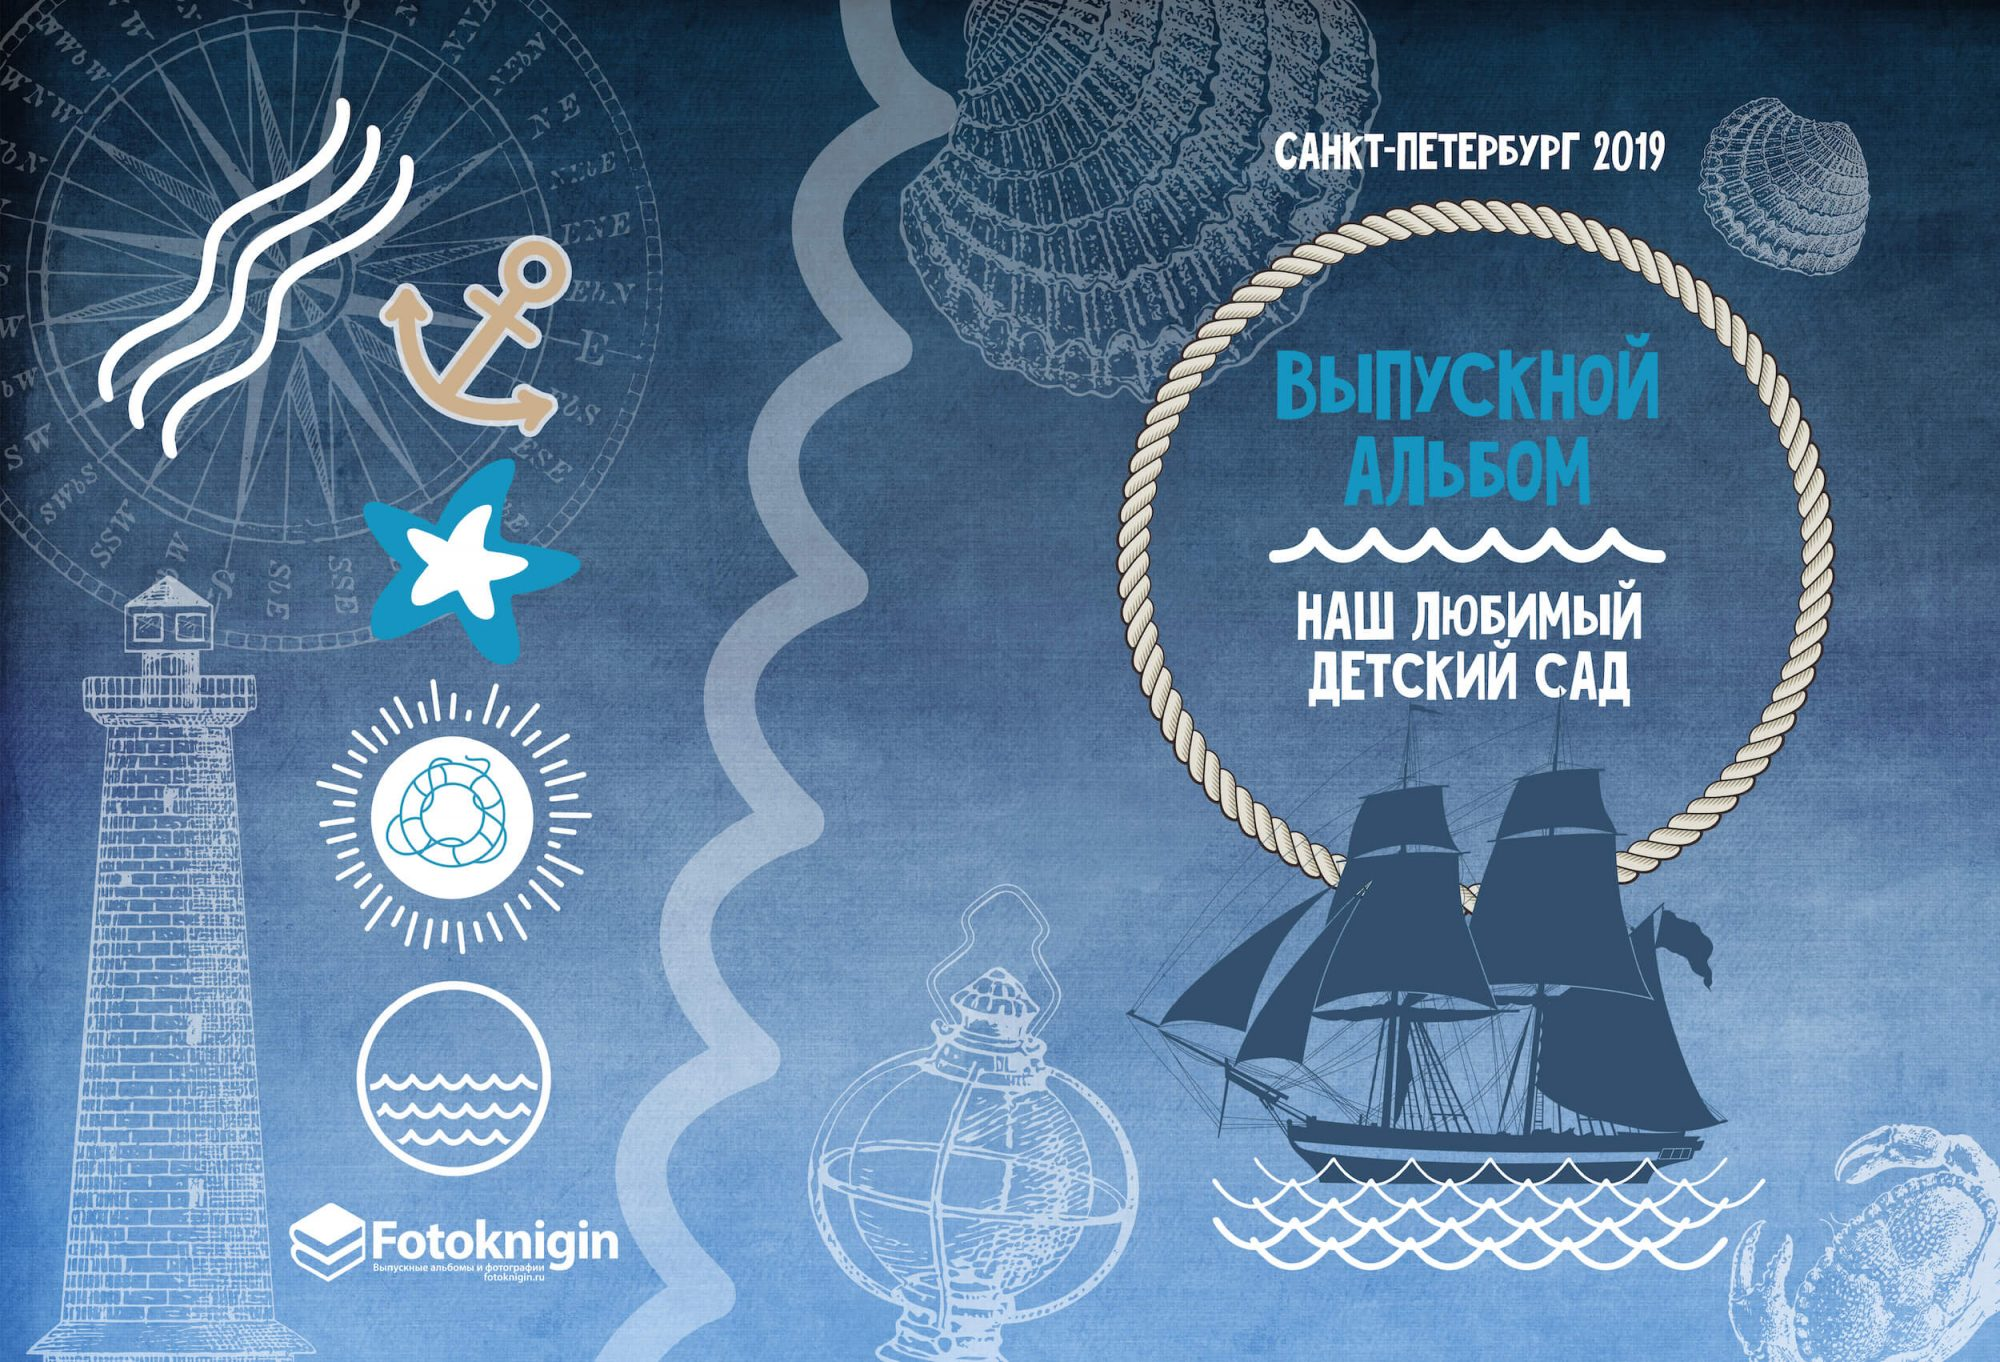 обложка выпускного альбома морской